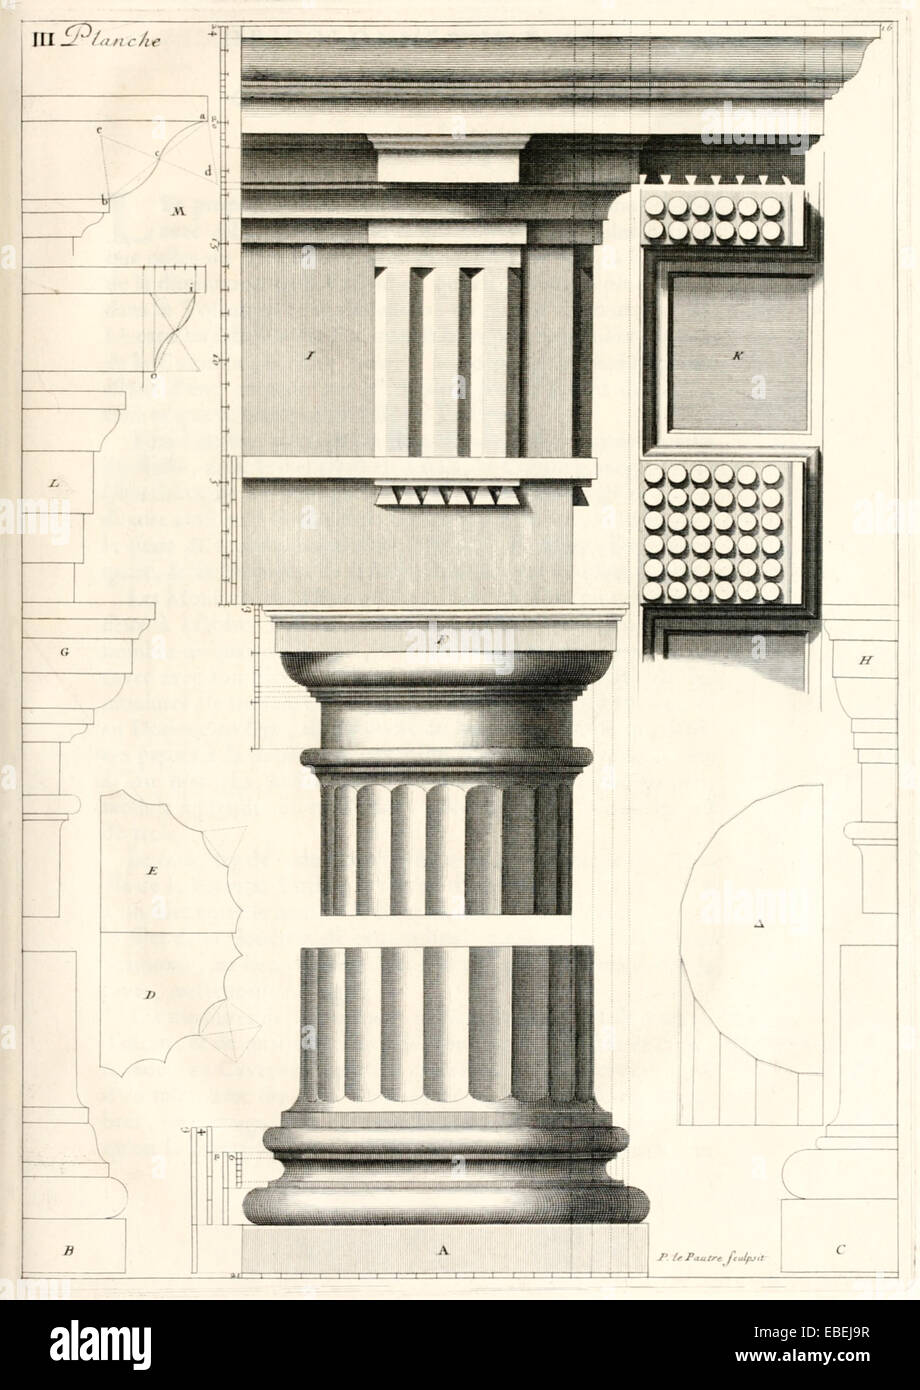 Dorische Säule von Claude Perrault, französischer Renaissance-Architekten-Abbildung. Siehe Beschreibung Stockbild